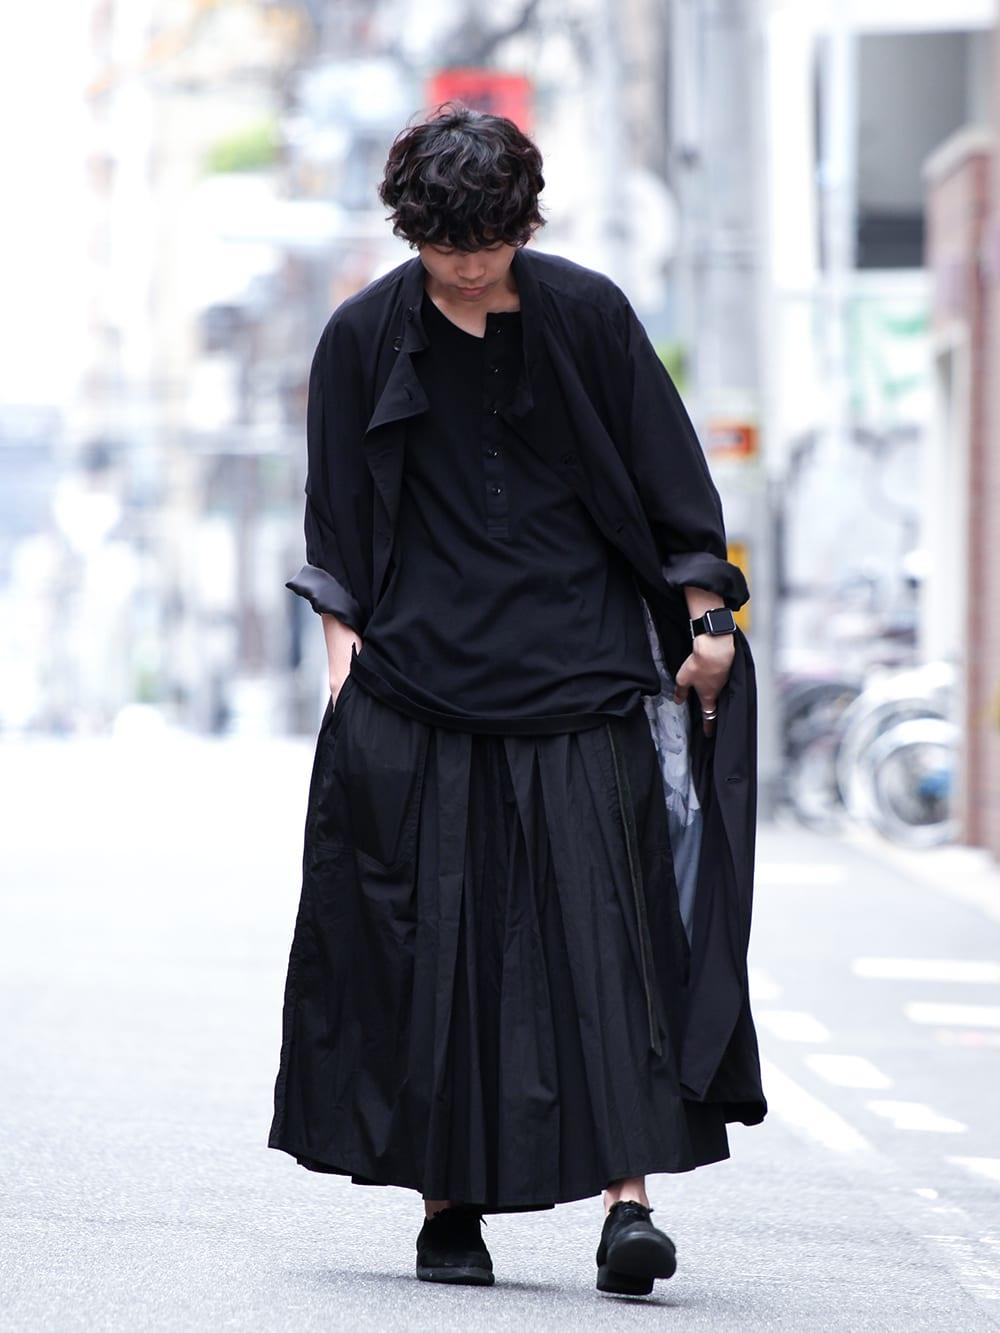 Yohji Yamamoto 19SS HAKAMA Pants 2Way Coordinate - 1-001